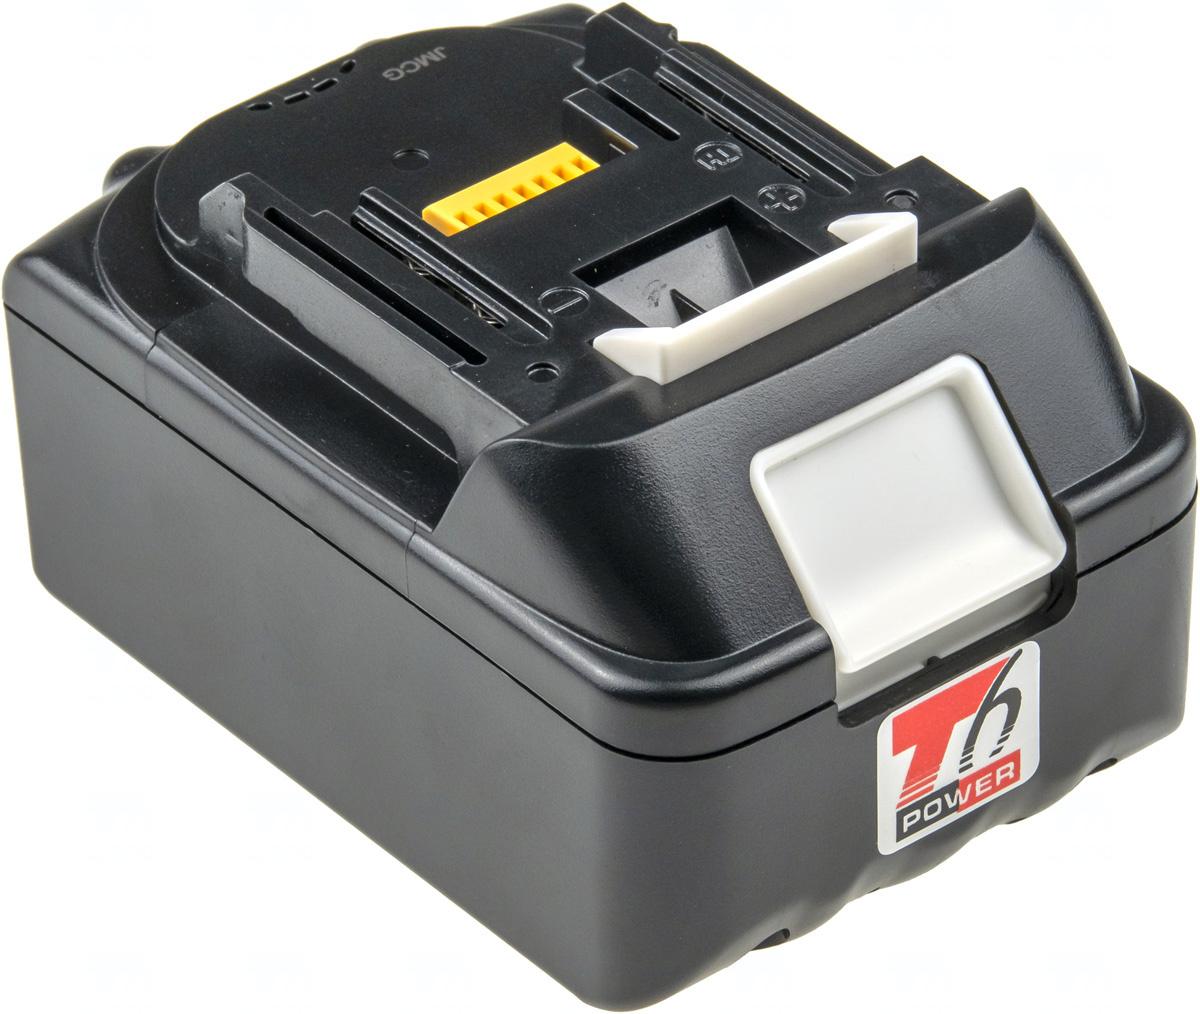 Baterie T6 power 194205-3, BL1830, BL1840, BL1815, 194204-5, LXT400